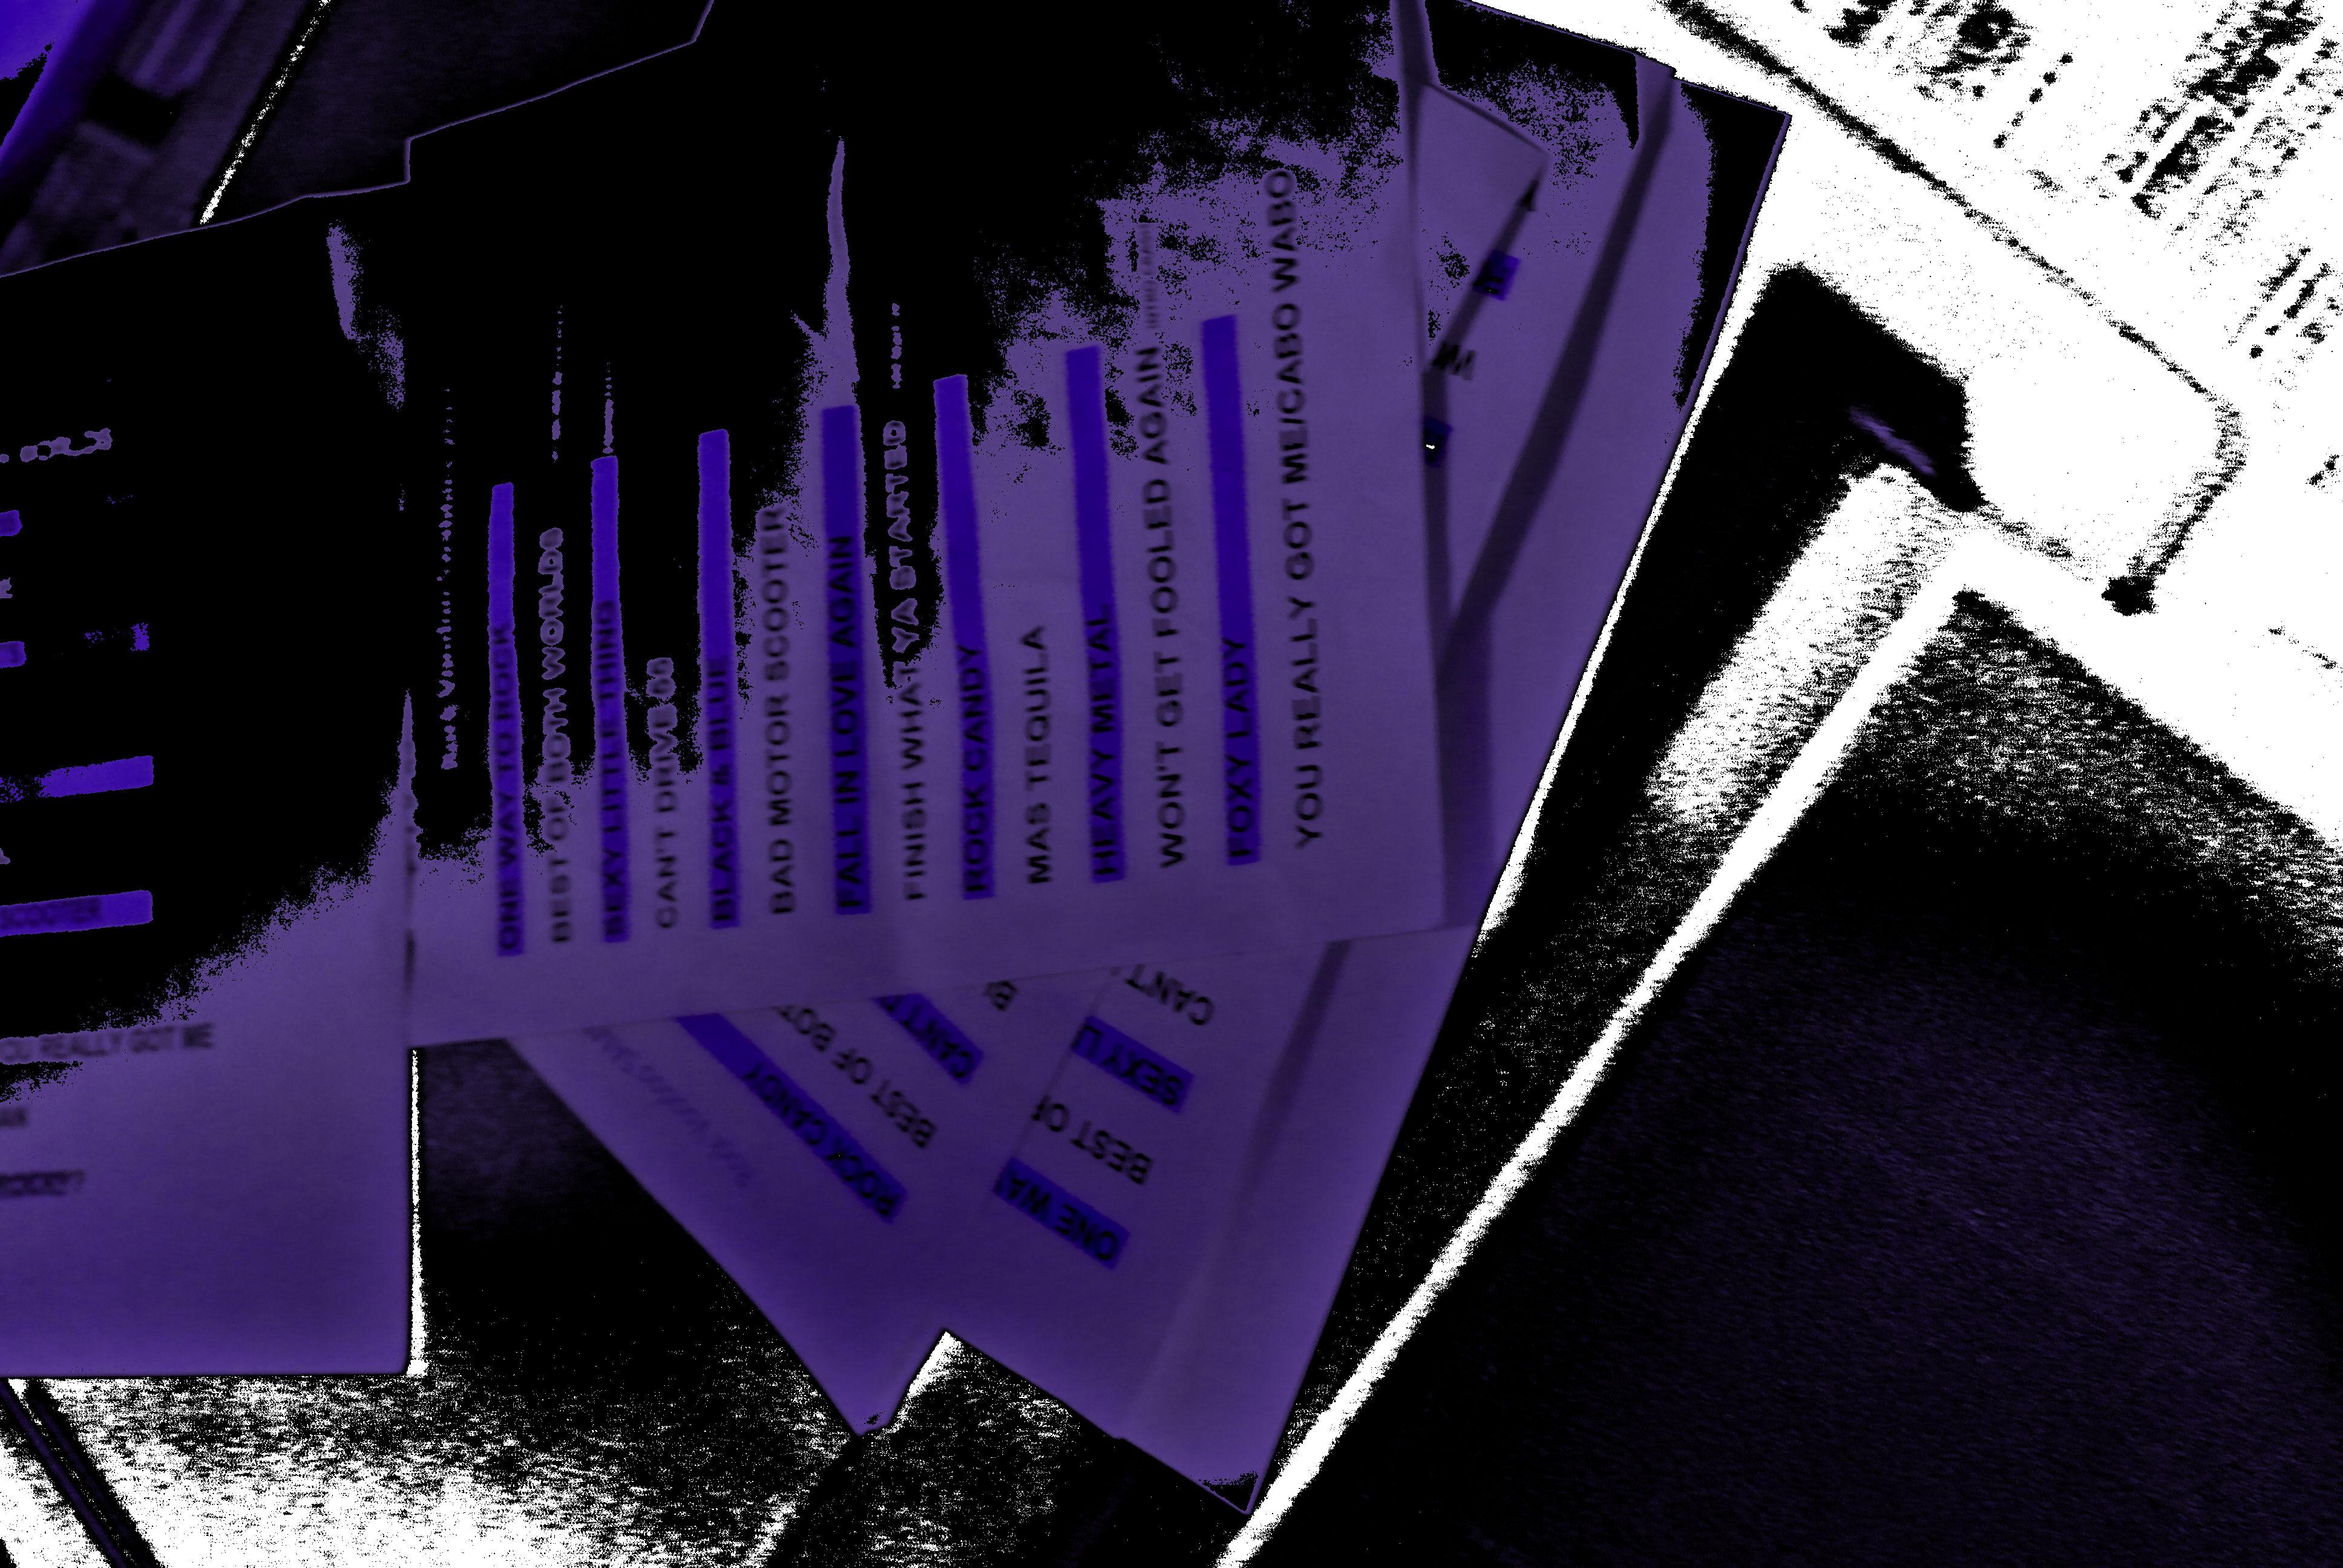 backstage set list prep